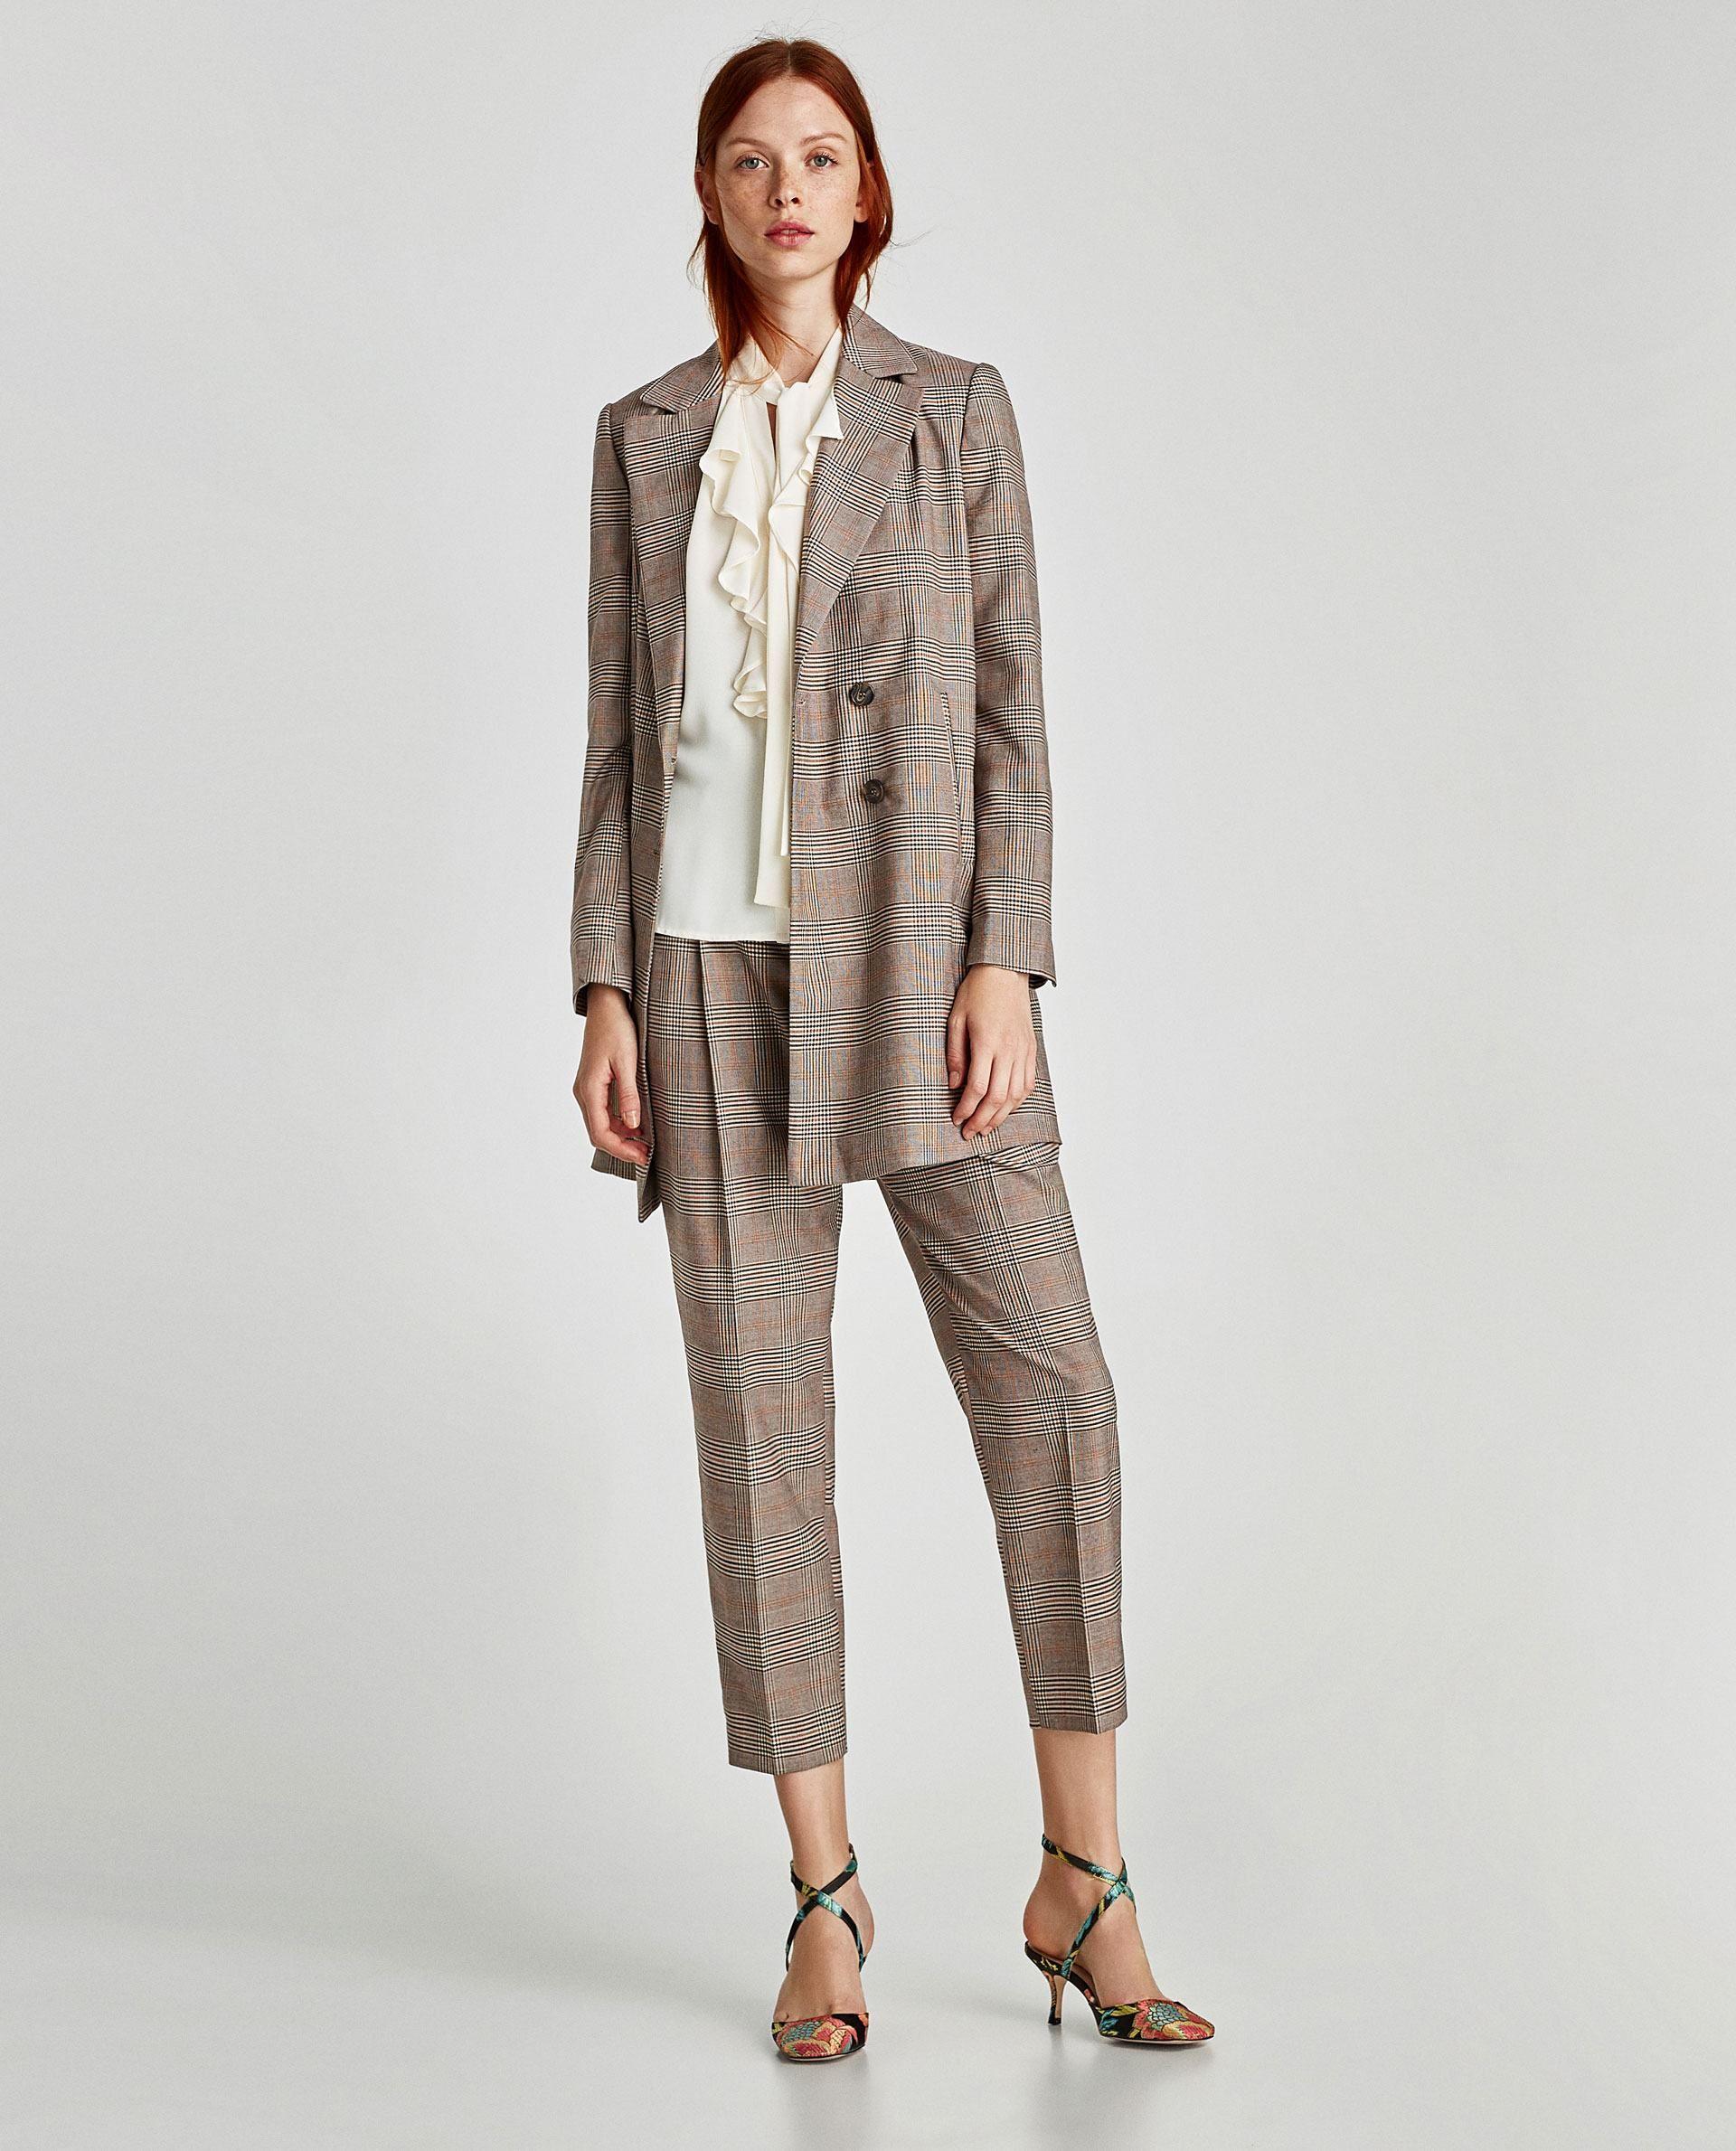 8653da52780 Модные женские туники и блузки 2018  новинки